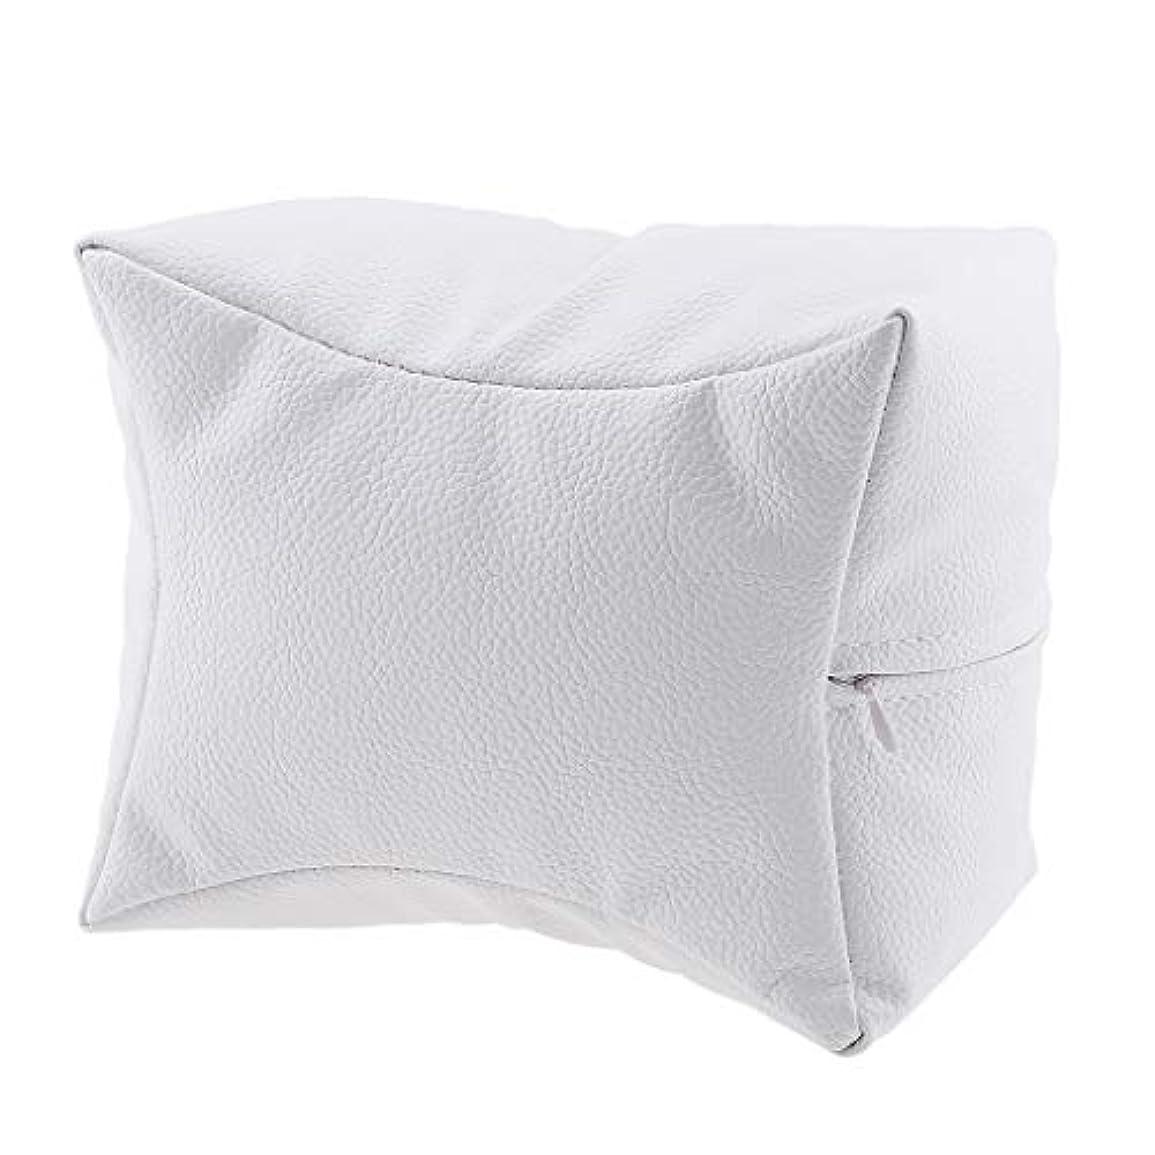 畝間自殺自分ネイルハンドピロー プロ ネイルサロン 手枕 レストピロー ネイルケア 4色選べ - 白